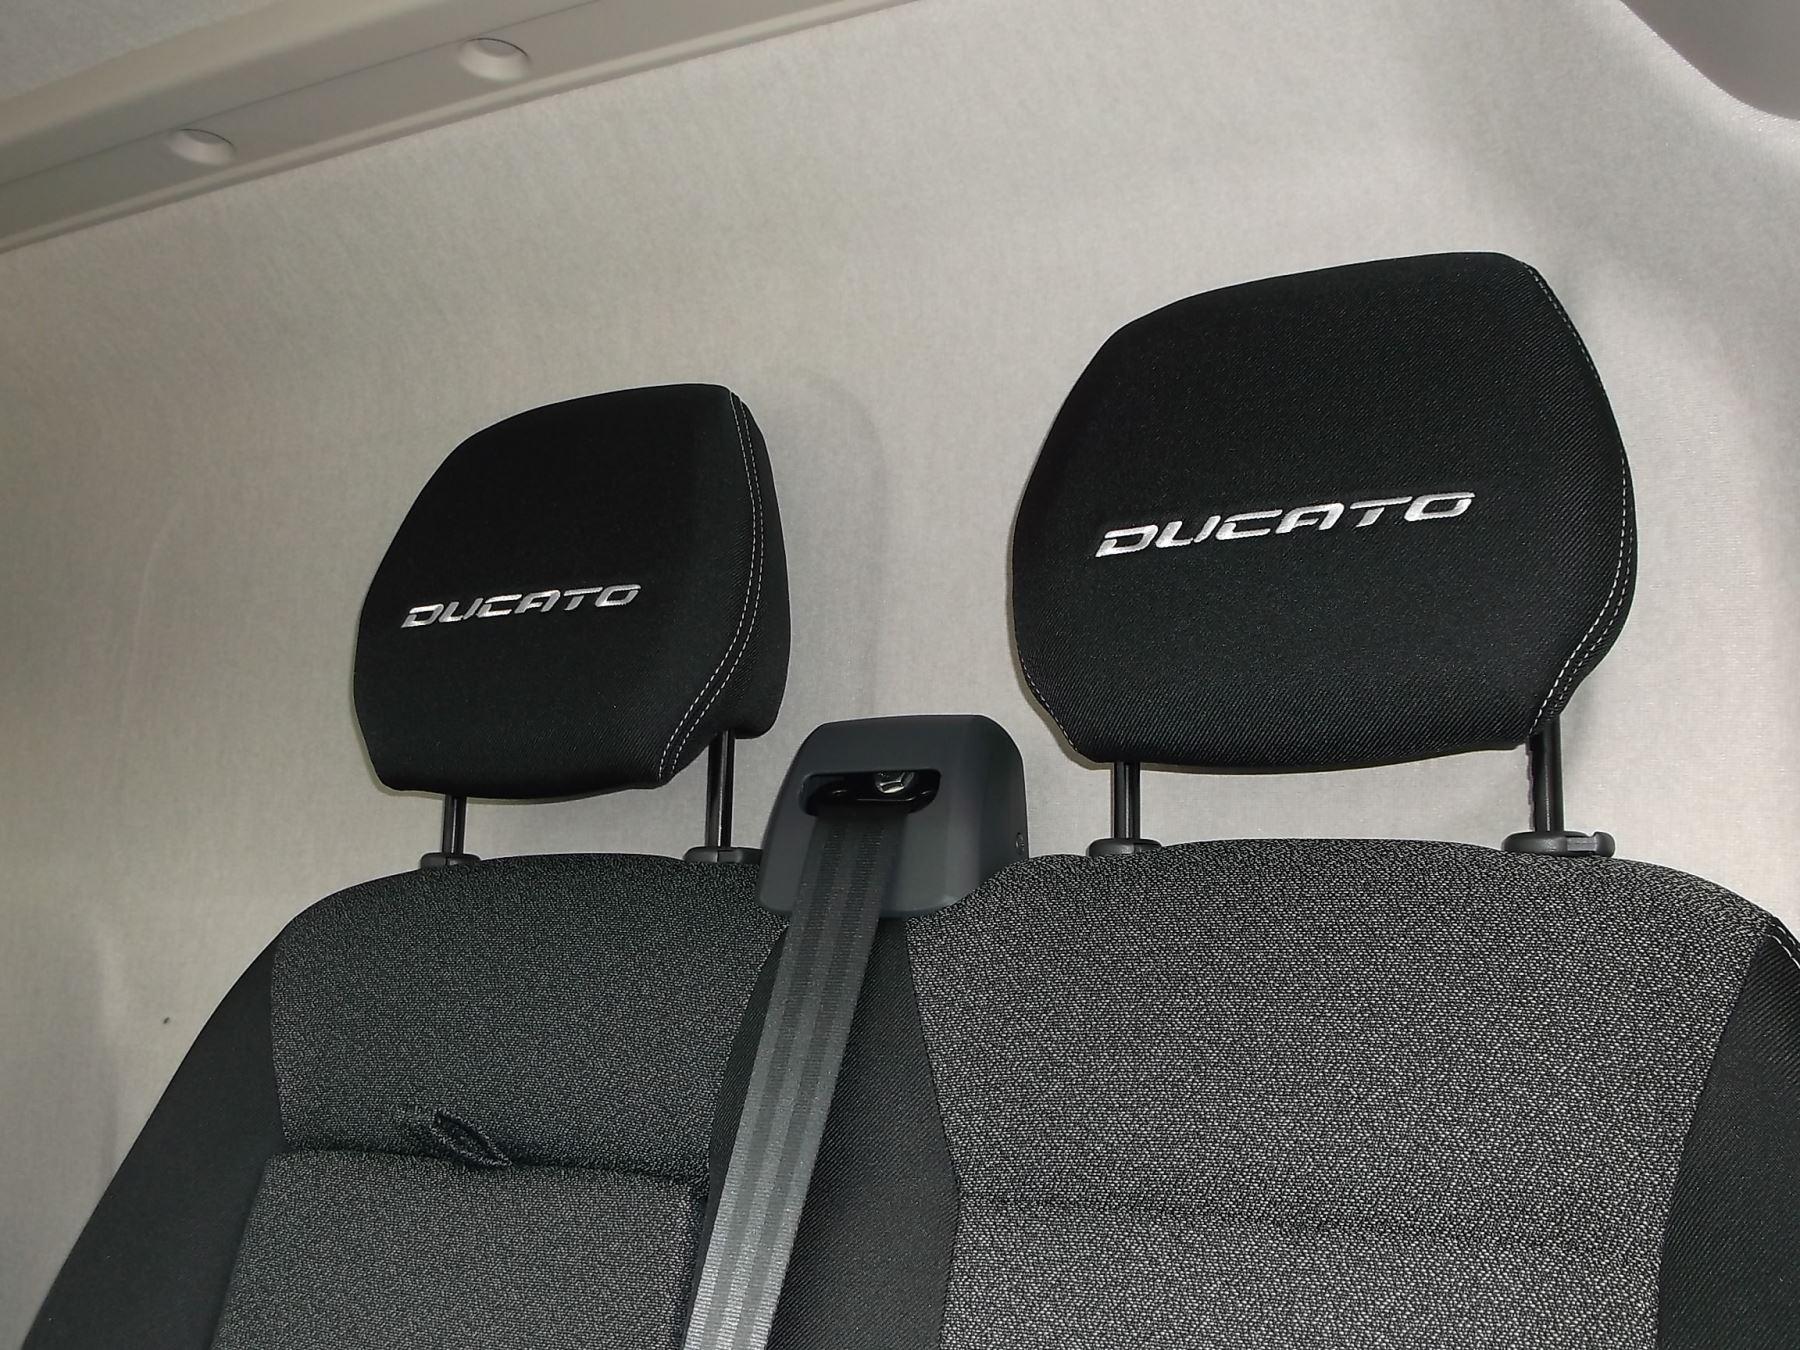 Fiat Ducato MWB HR 2.3 160 SPORTIVO ALLOYS CLR CODED LED  AIRCON NAV CRUISE REV SENSORS CAMERA image 13